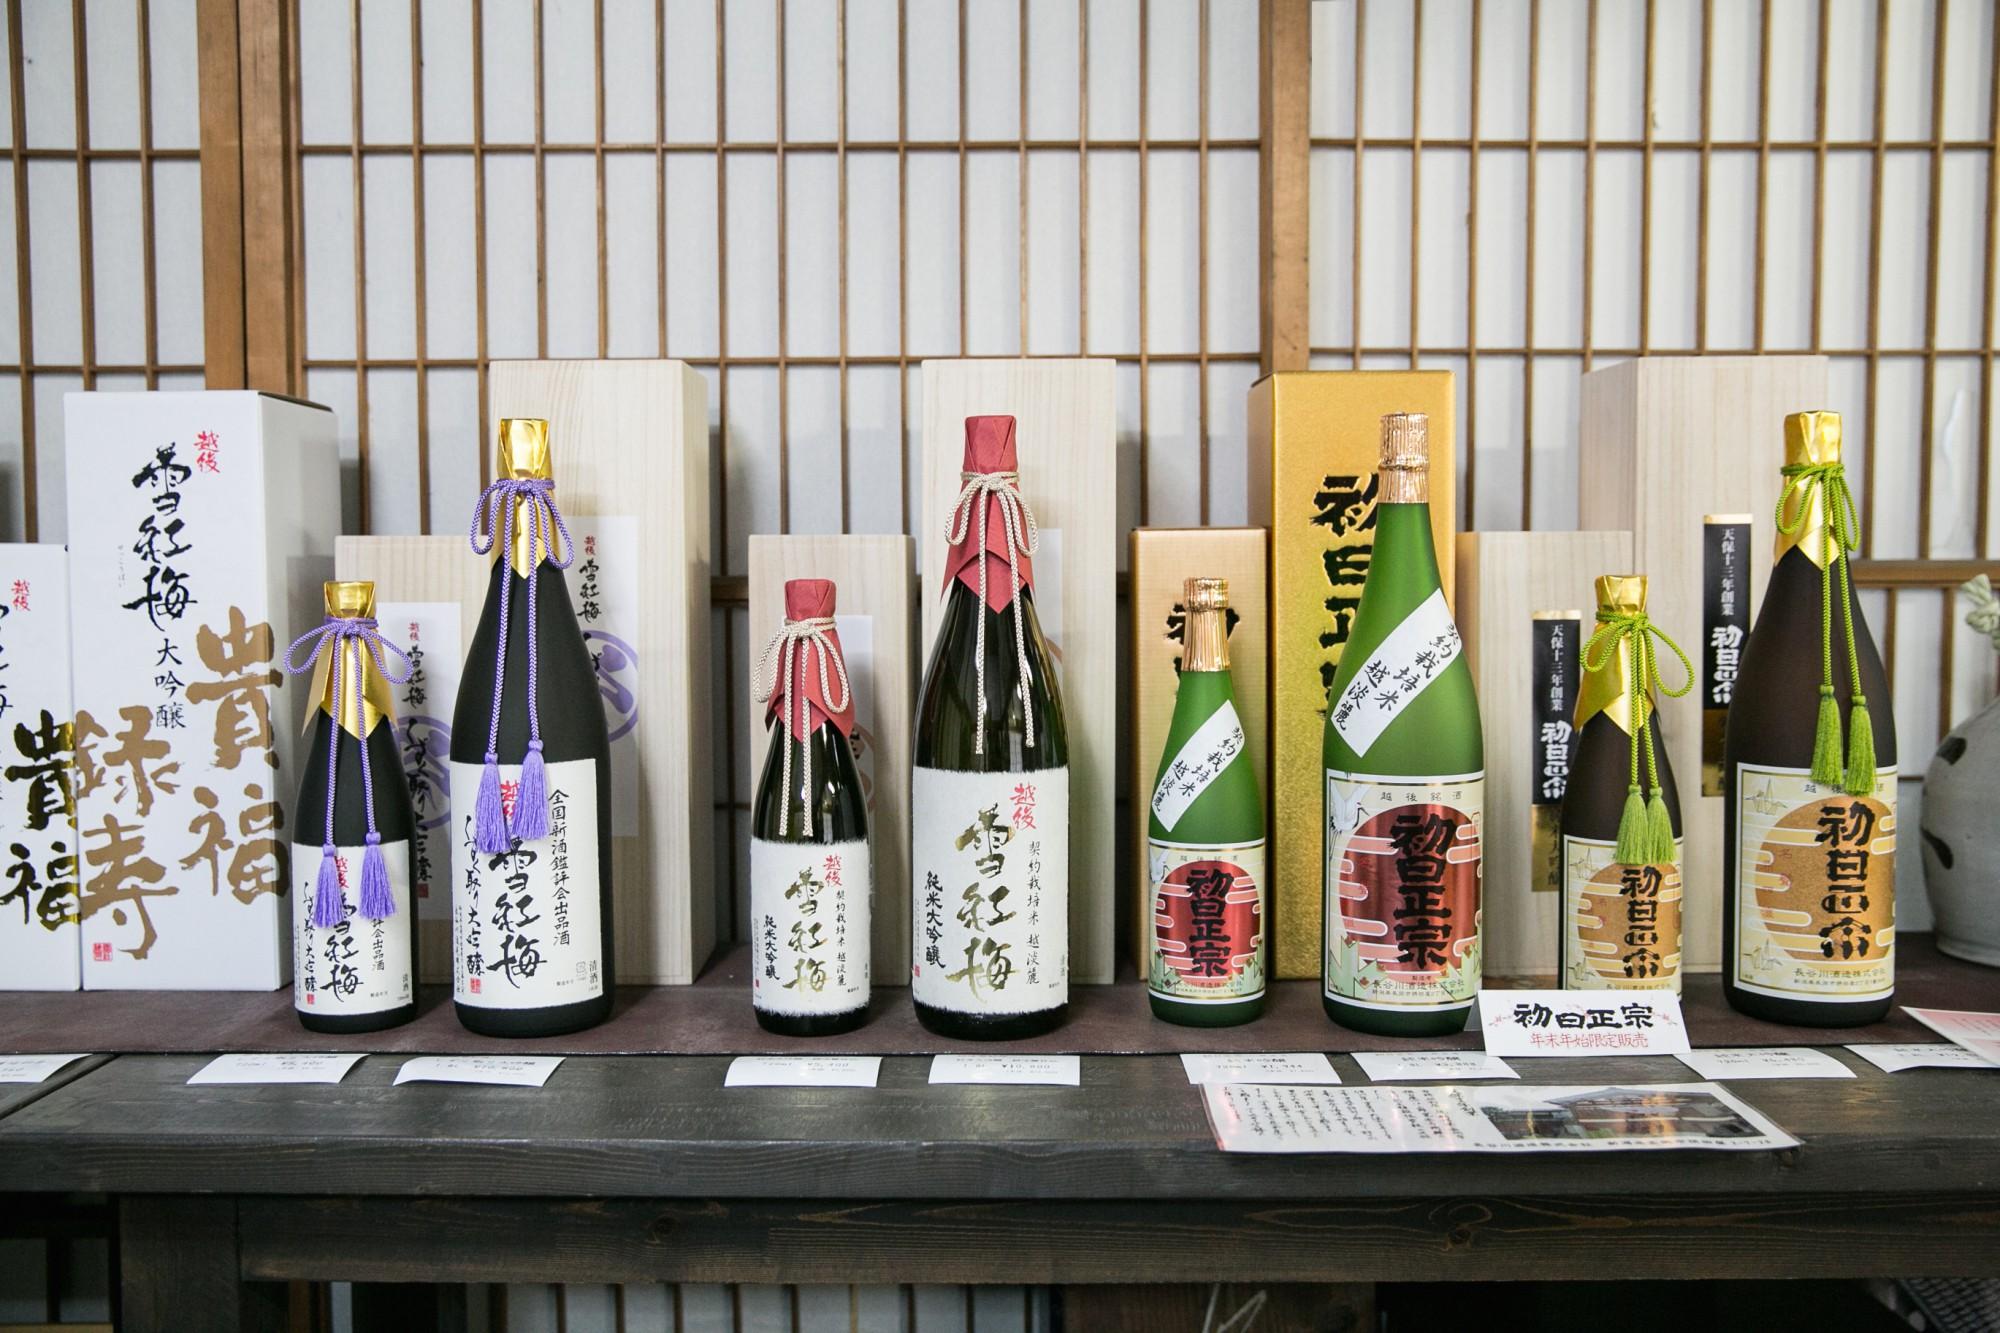 看板ブランド「雪紅梅」と年末年始に限定販売される「初日正宗」。「雪紅梅」のラベルの文字は作曲家・遠藤実が書いたもの。